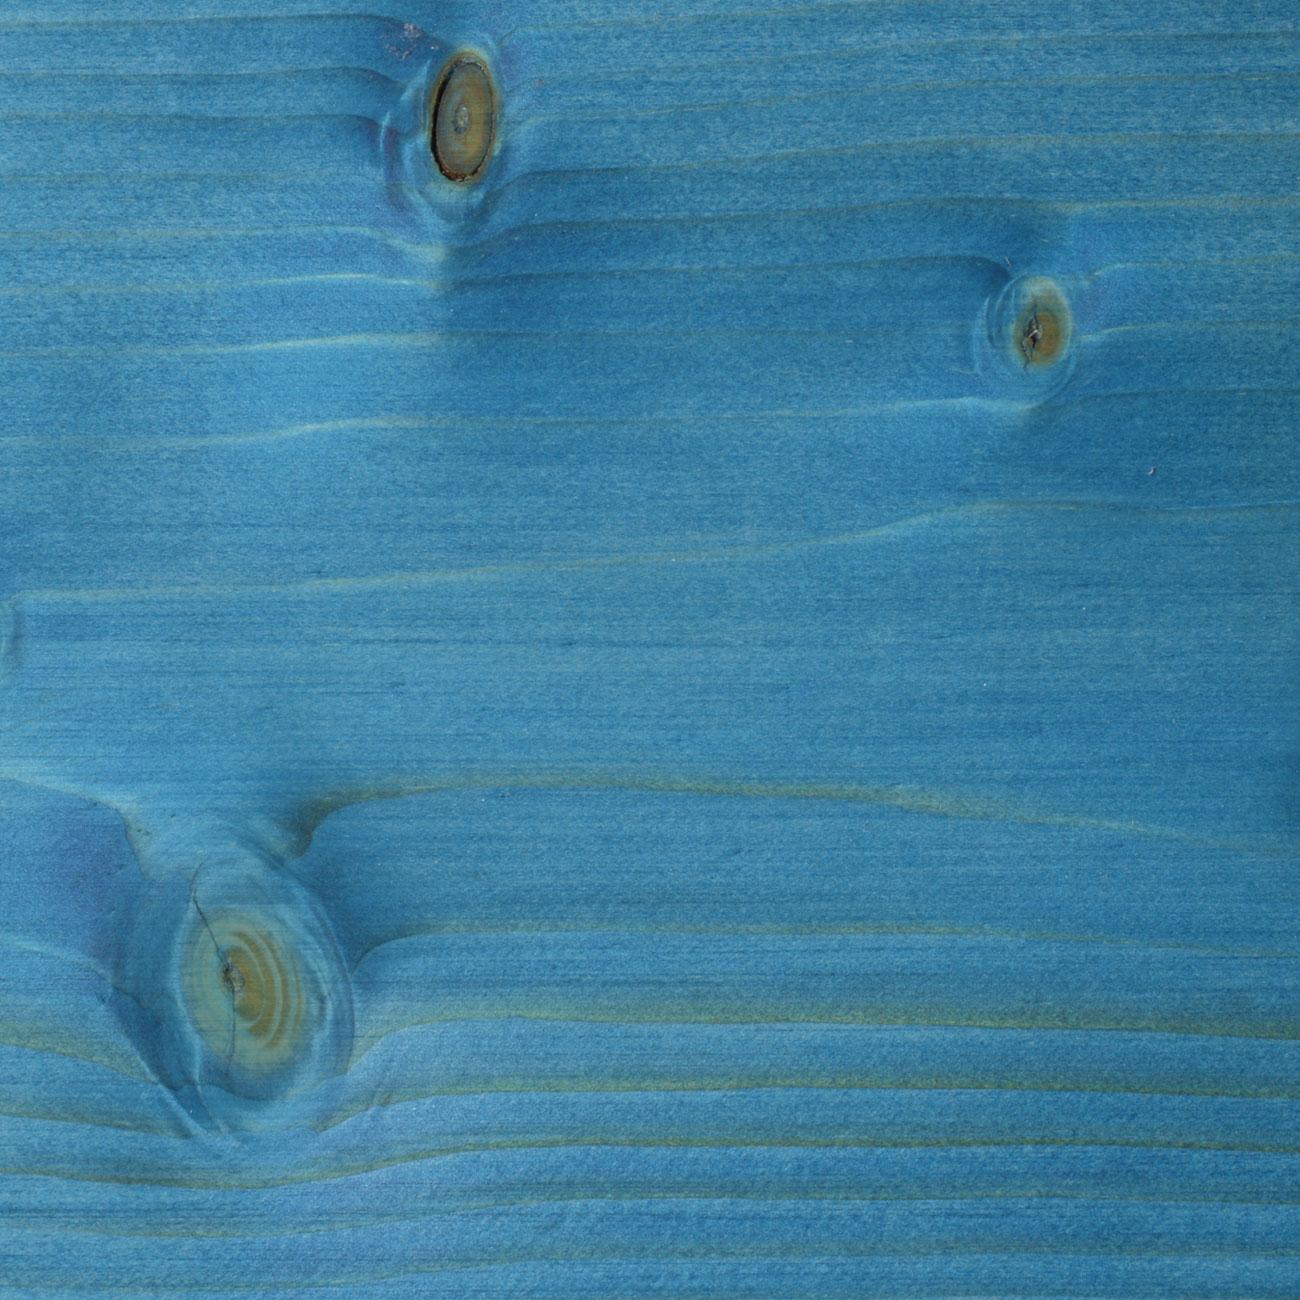 114. Fichte, geschliffen mit Faxe Speziallauge zzgl. 5% Faxe Combicolor blau gelaugt und mit Faxe Holzbodenöl natur geölt